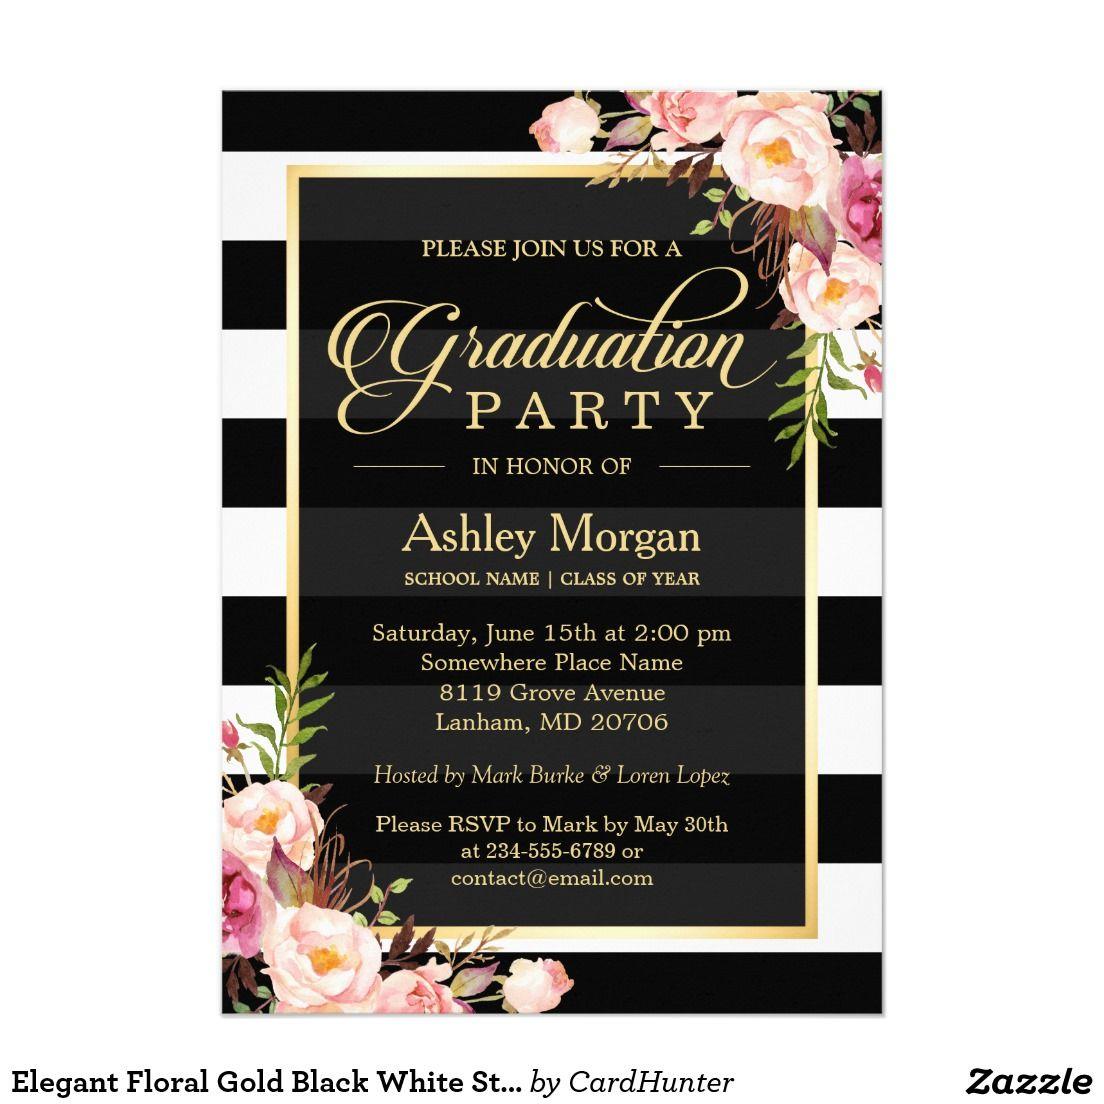 Elegant Floral Gold Black White Stripes\' Elegant Floral Wrapped ...